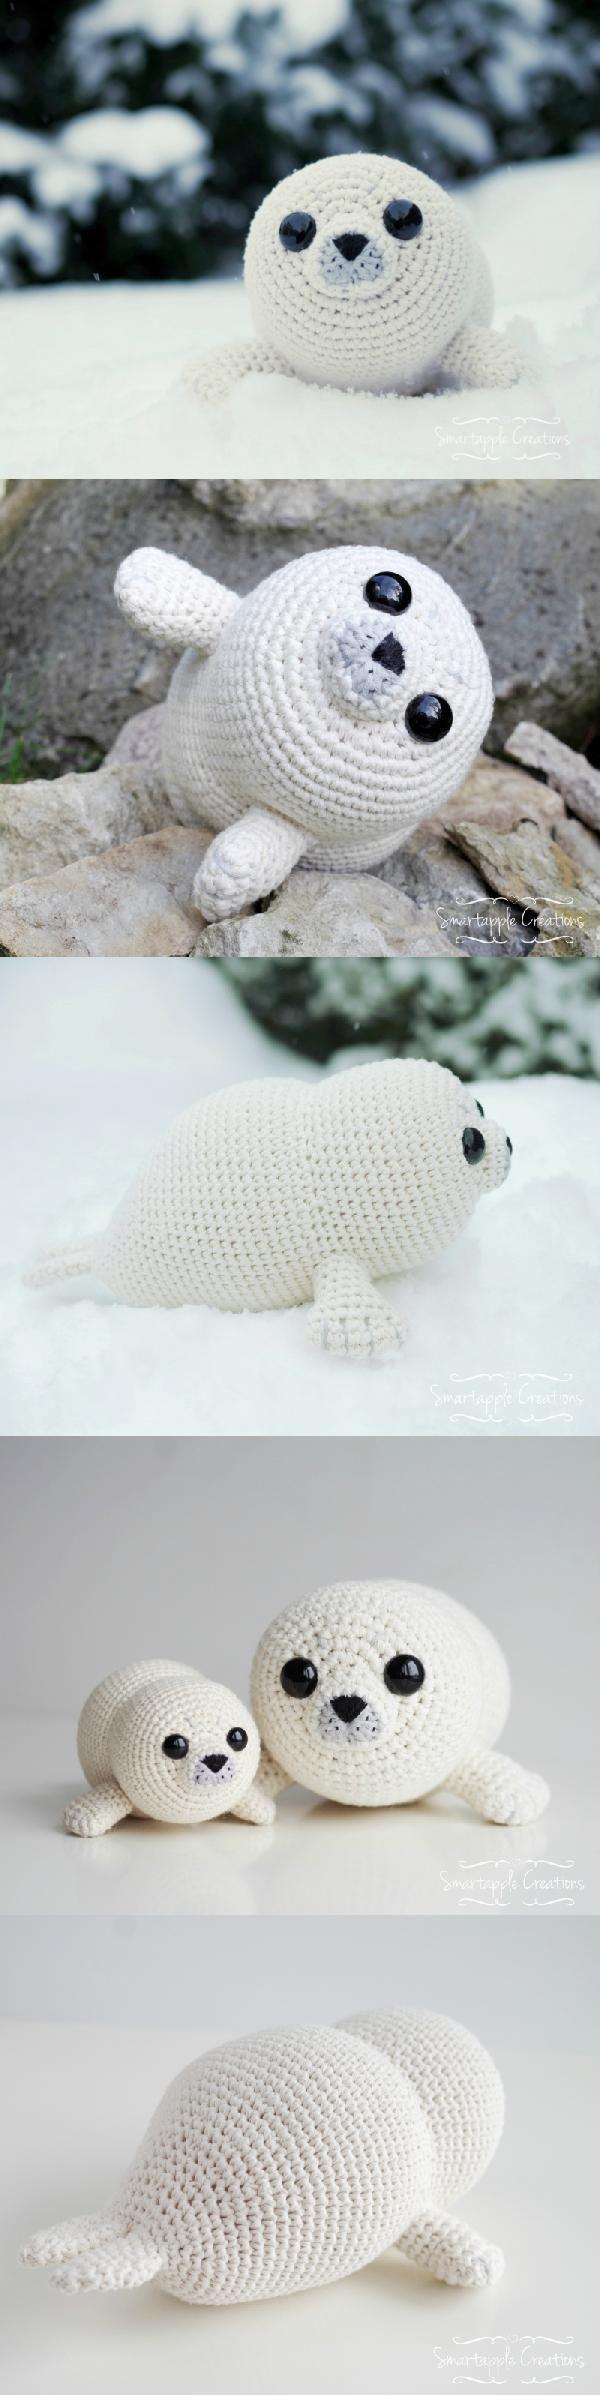 Bubbly The Baby Seal Amigurumi Pattern #Bubbles | Amigurumi ...